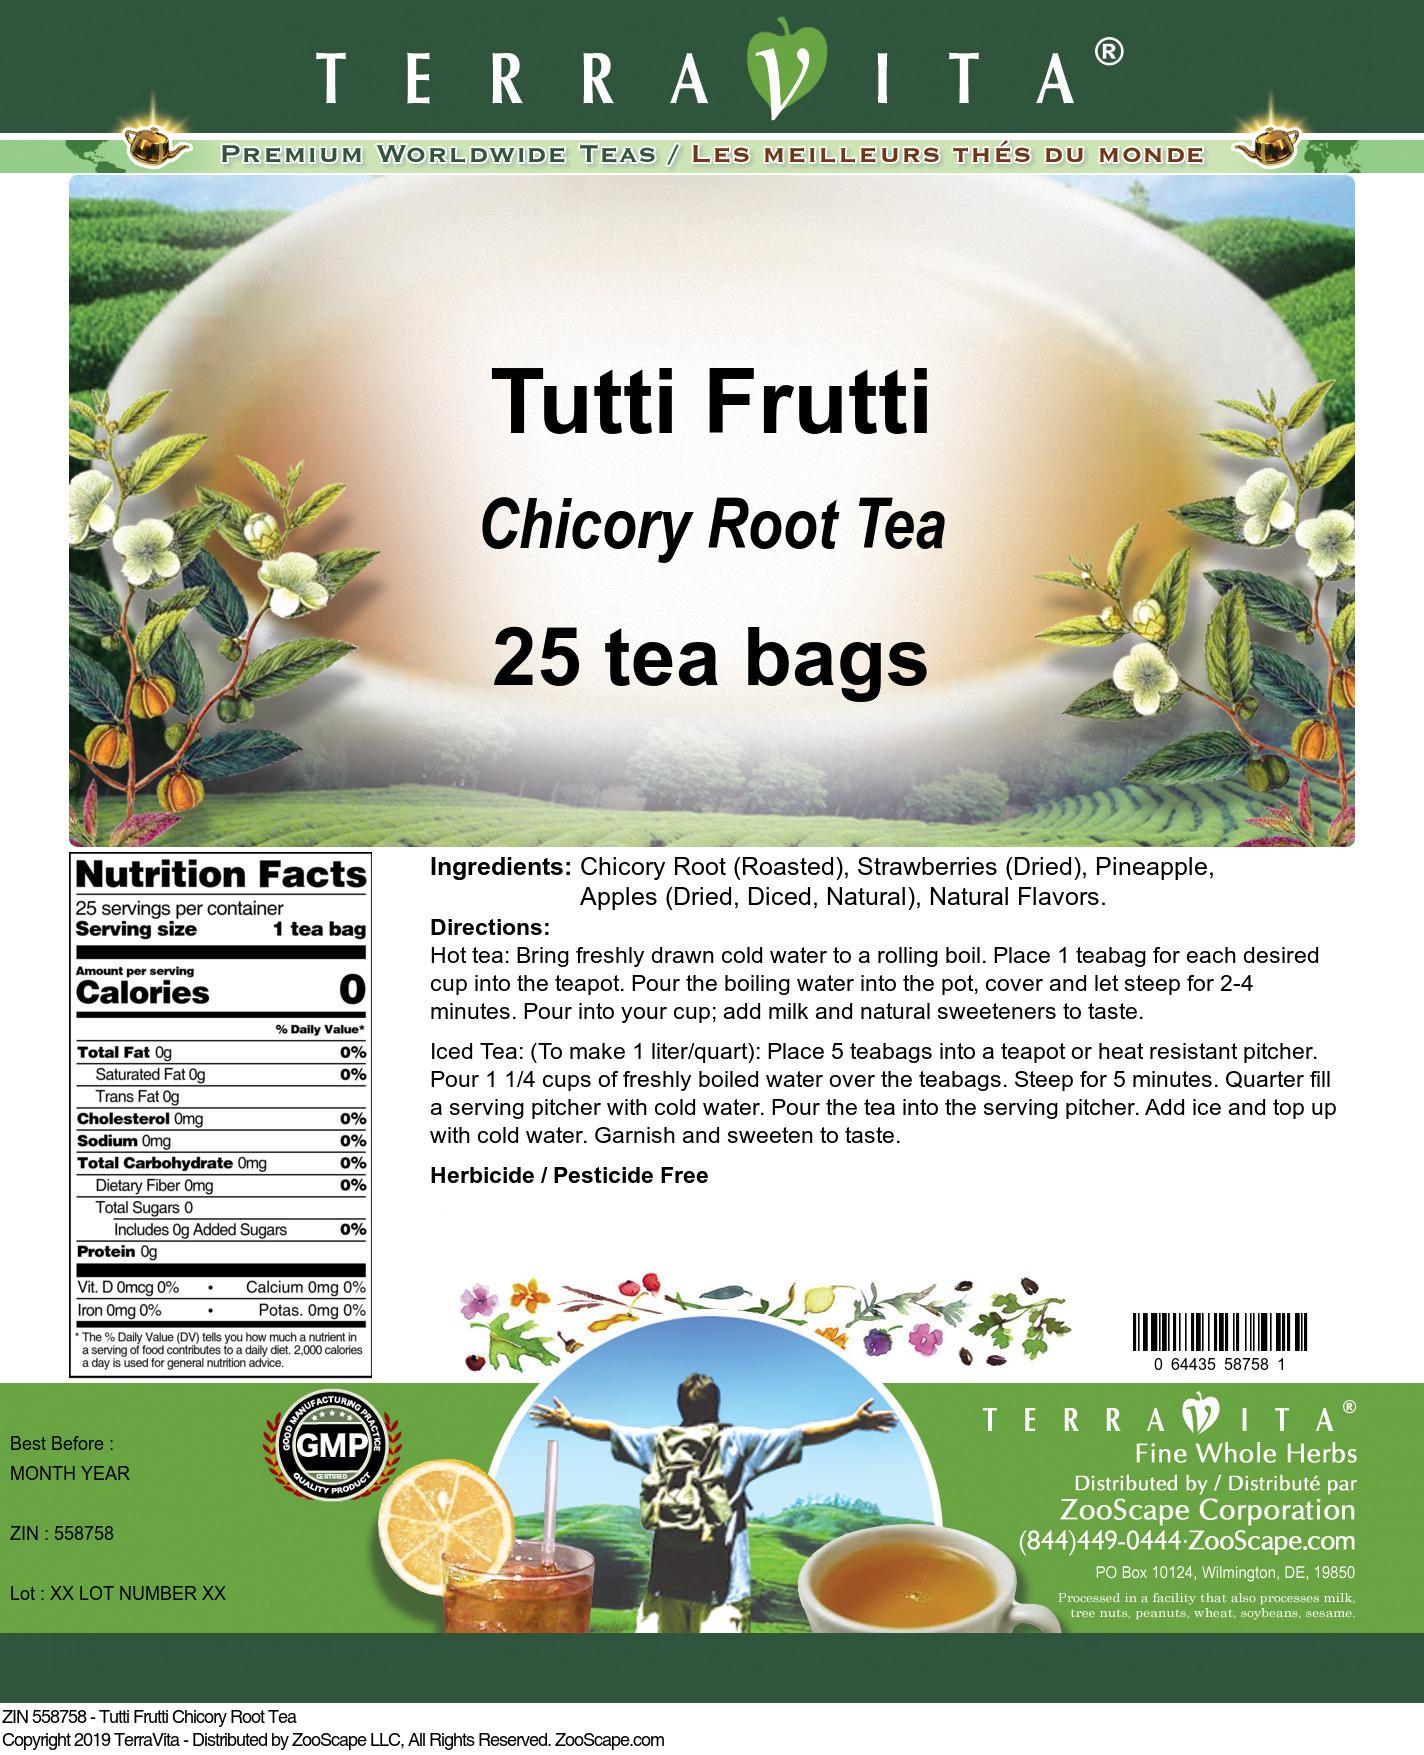 Tutti Frutti Chicory Root Tea